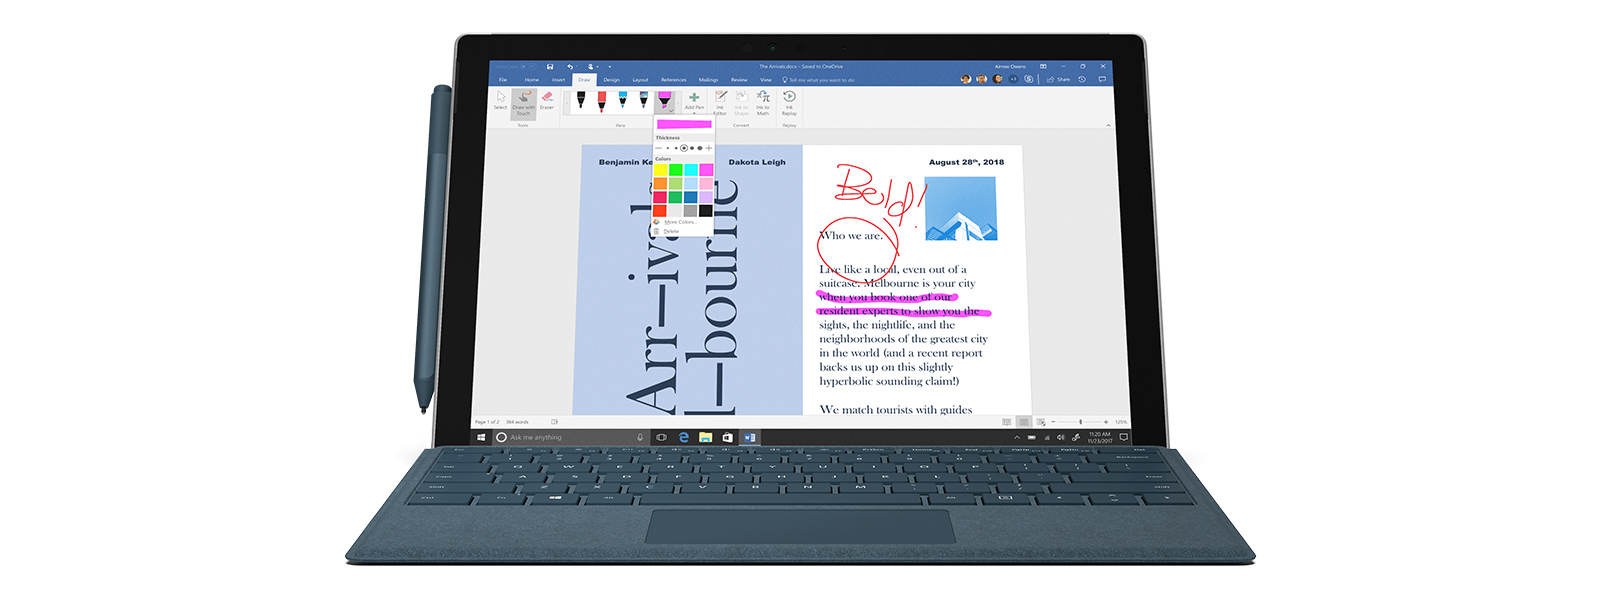 Naprava Surface Pro, ki prikazuje pisanje s peresom na zaslonu 3D-slikarja